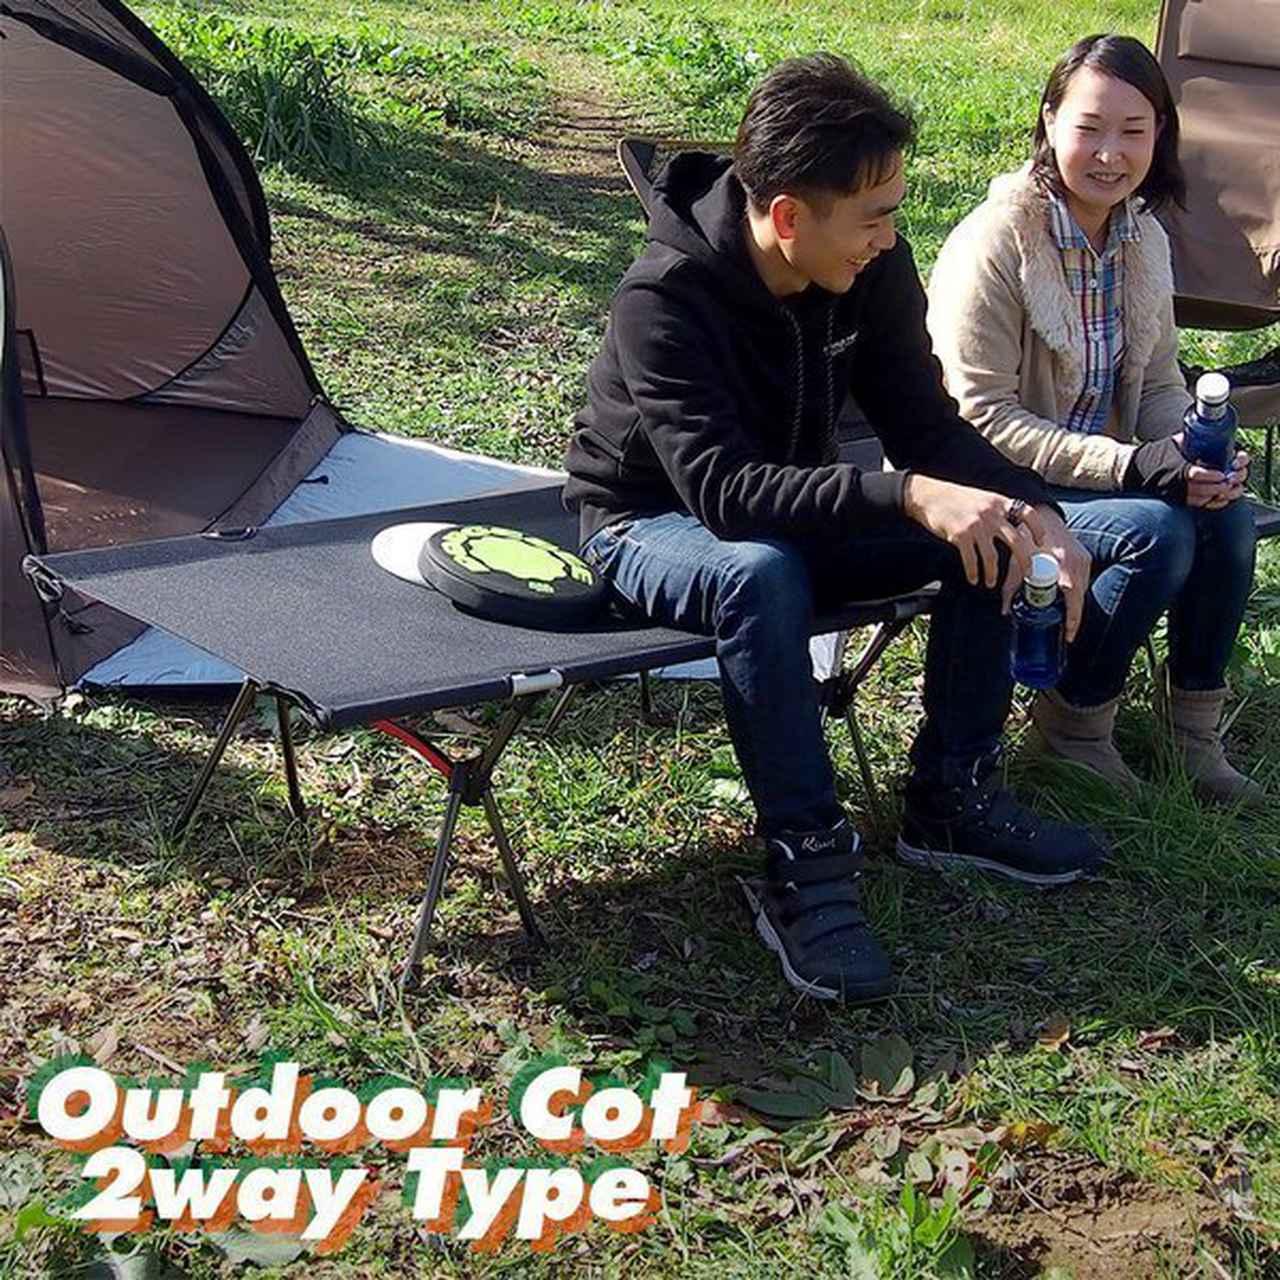 画像2: 【コット】キャンプでも寝心地を重視したい! キャンプの寝心地を変えるコット! コットのメリットとデメリットを徹底解説!